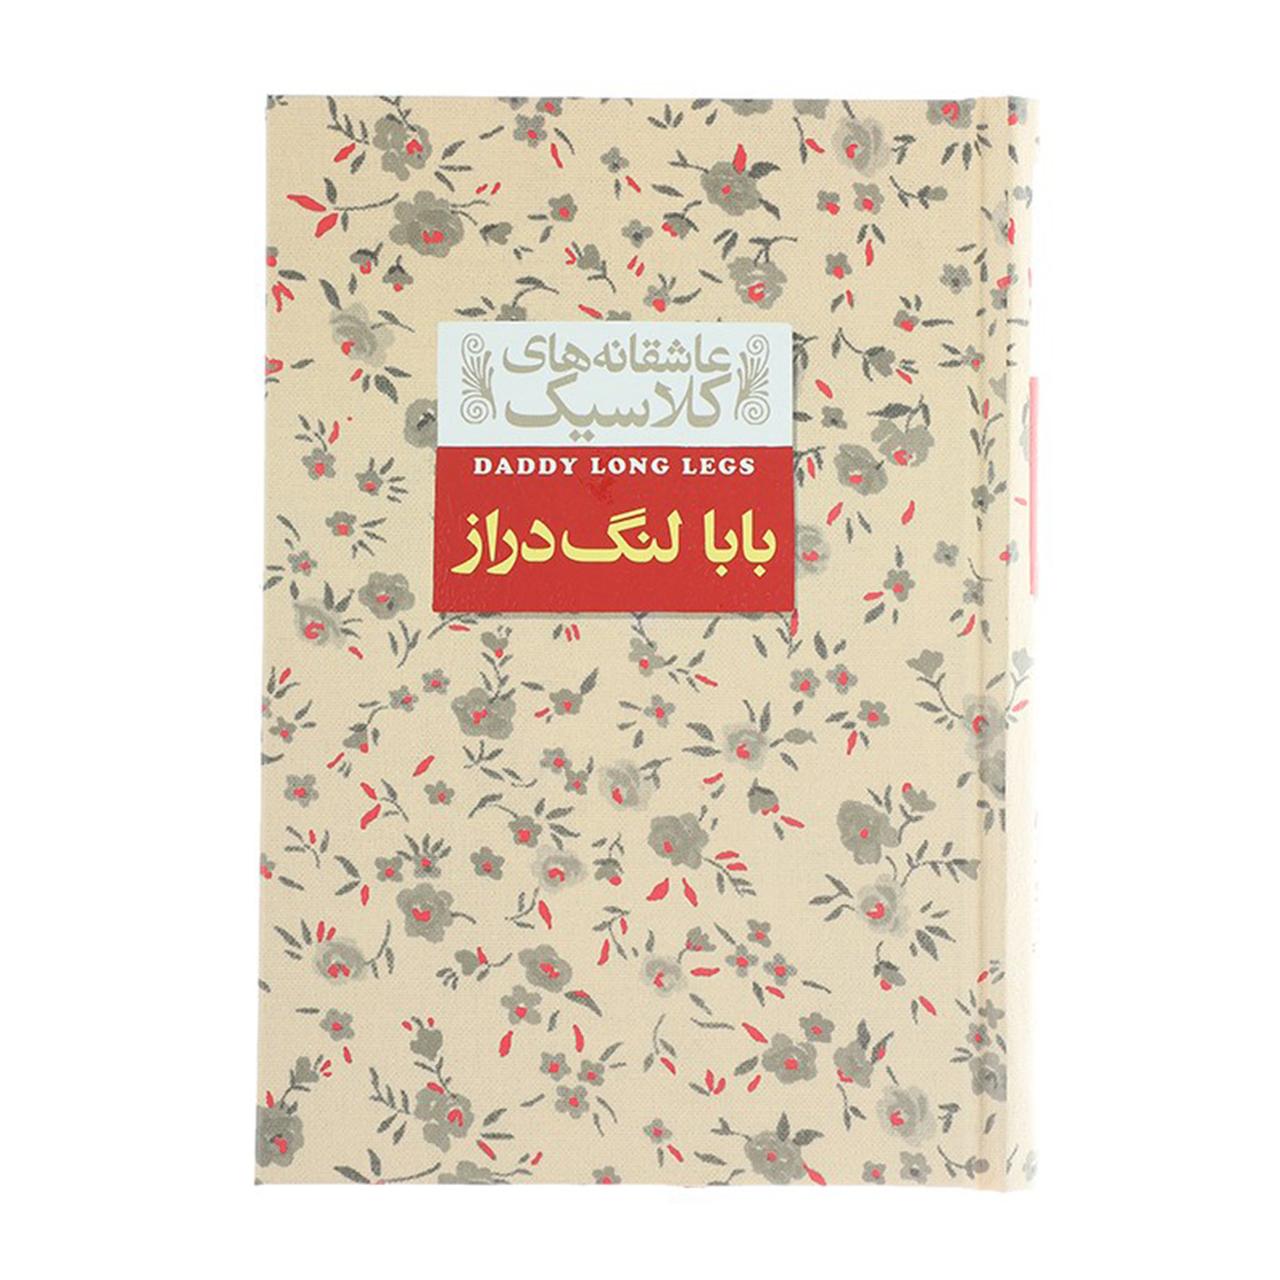 خرید                      کتاب عاشقانه های کلاسیک بابا لنگ دراز اثر جین وبسترنشر افق